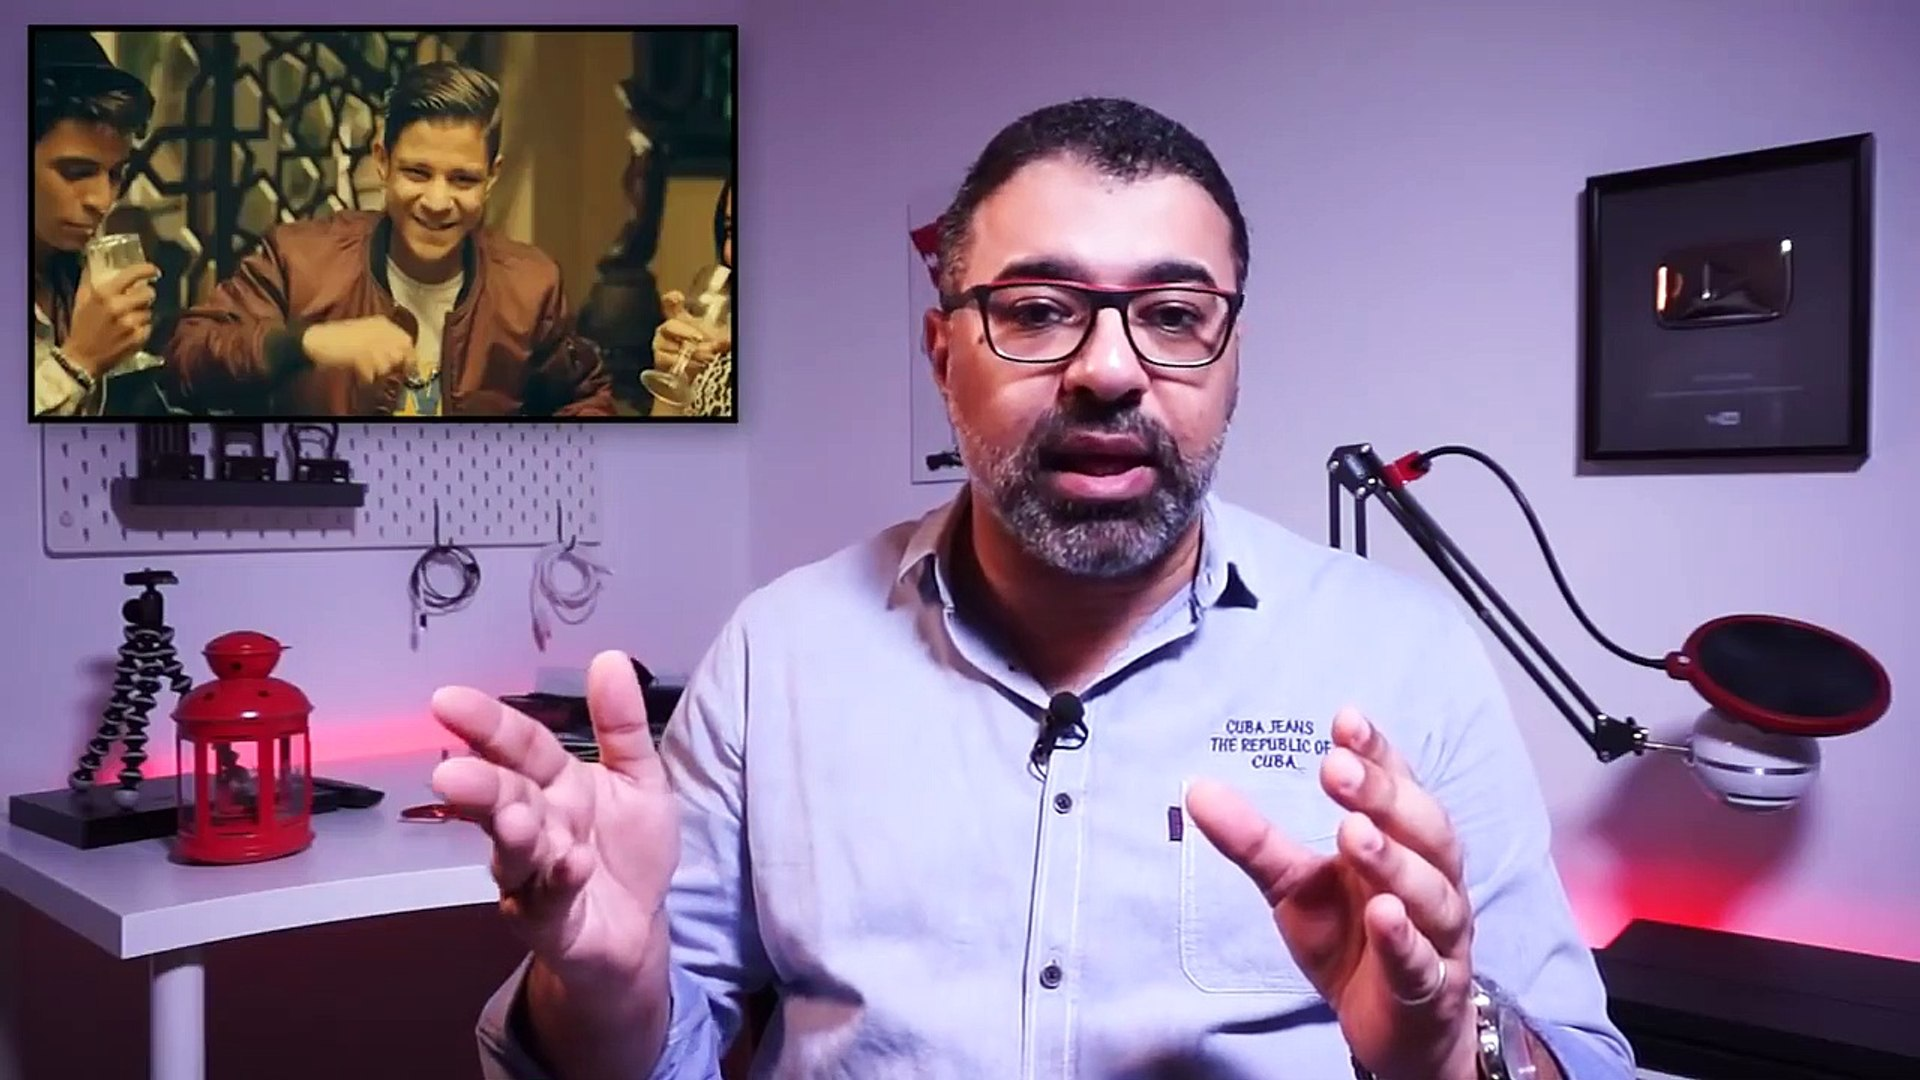 مراجعة فيلم 'كازابلانكا' - فيلم الأكشن المصري لموسم عيد الفطر - فيلم جامد